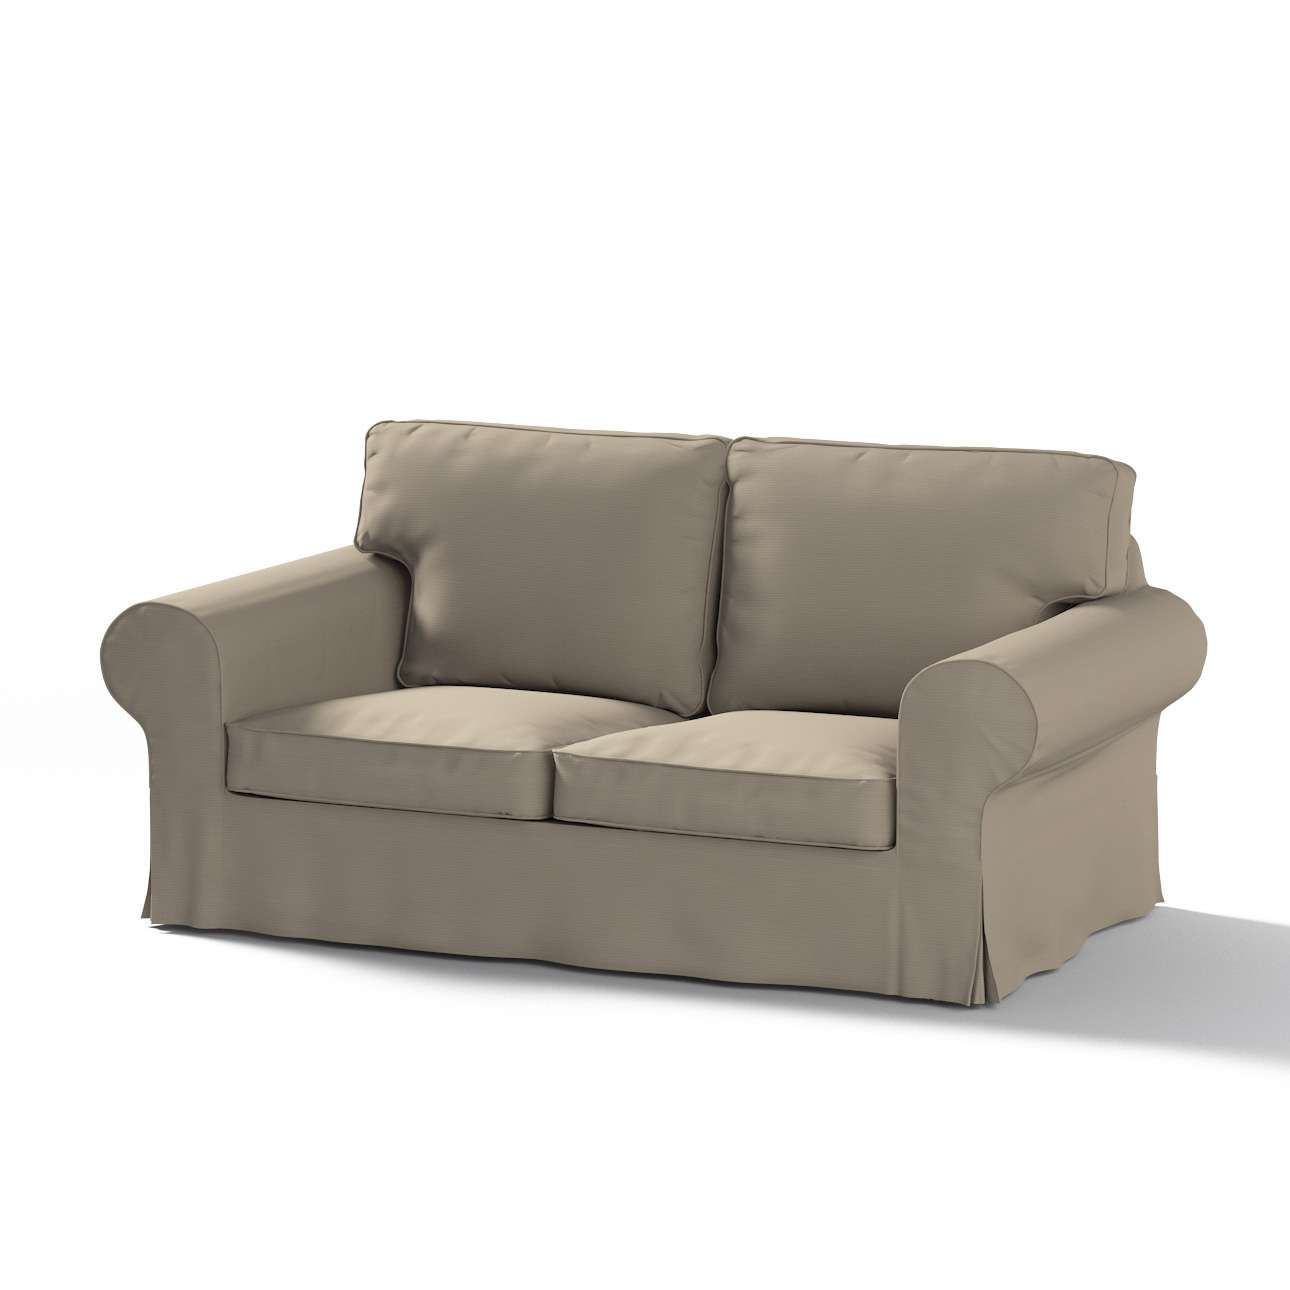 Pokrowiec na sofę Ektorp 2-osobową rozkładaną, model po 2012 w kolekcji Cotton Panama, tkanina: 702-28